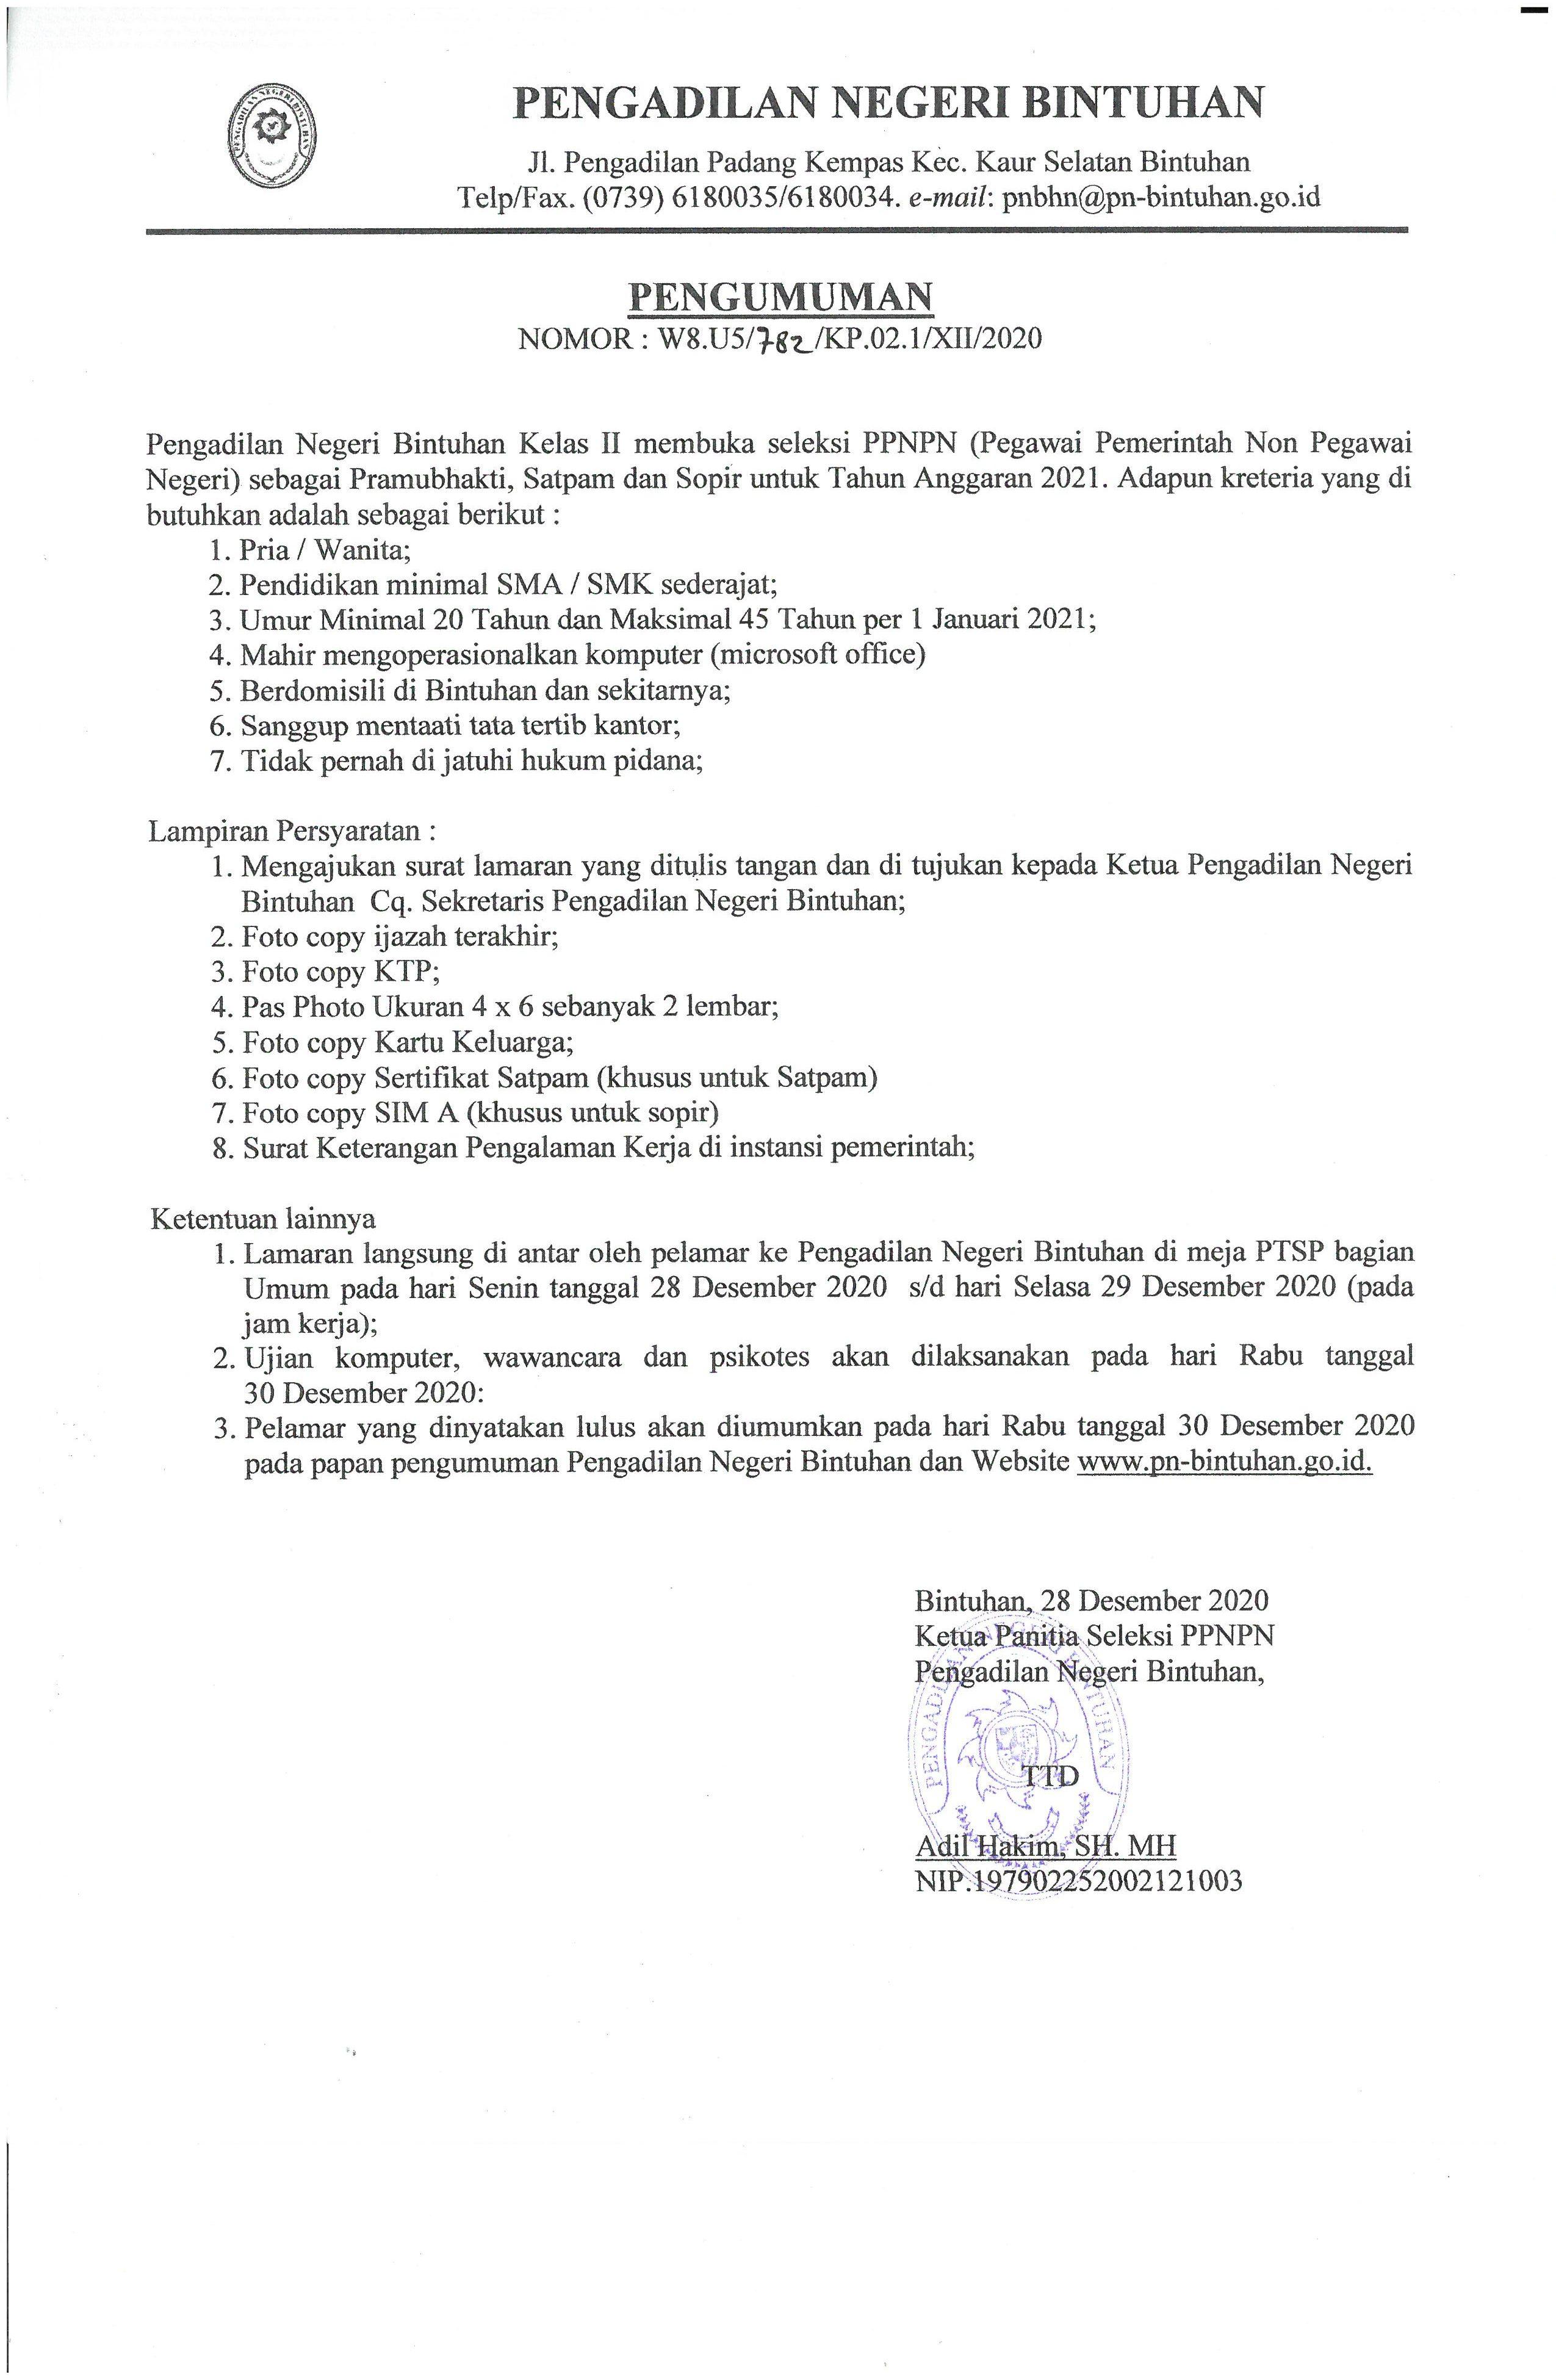 Pengumuman Pendaftaran Seleksi PPNPN Tahun 2021